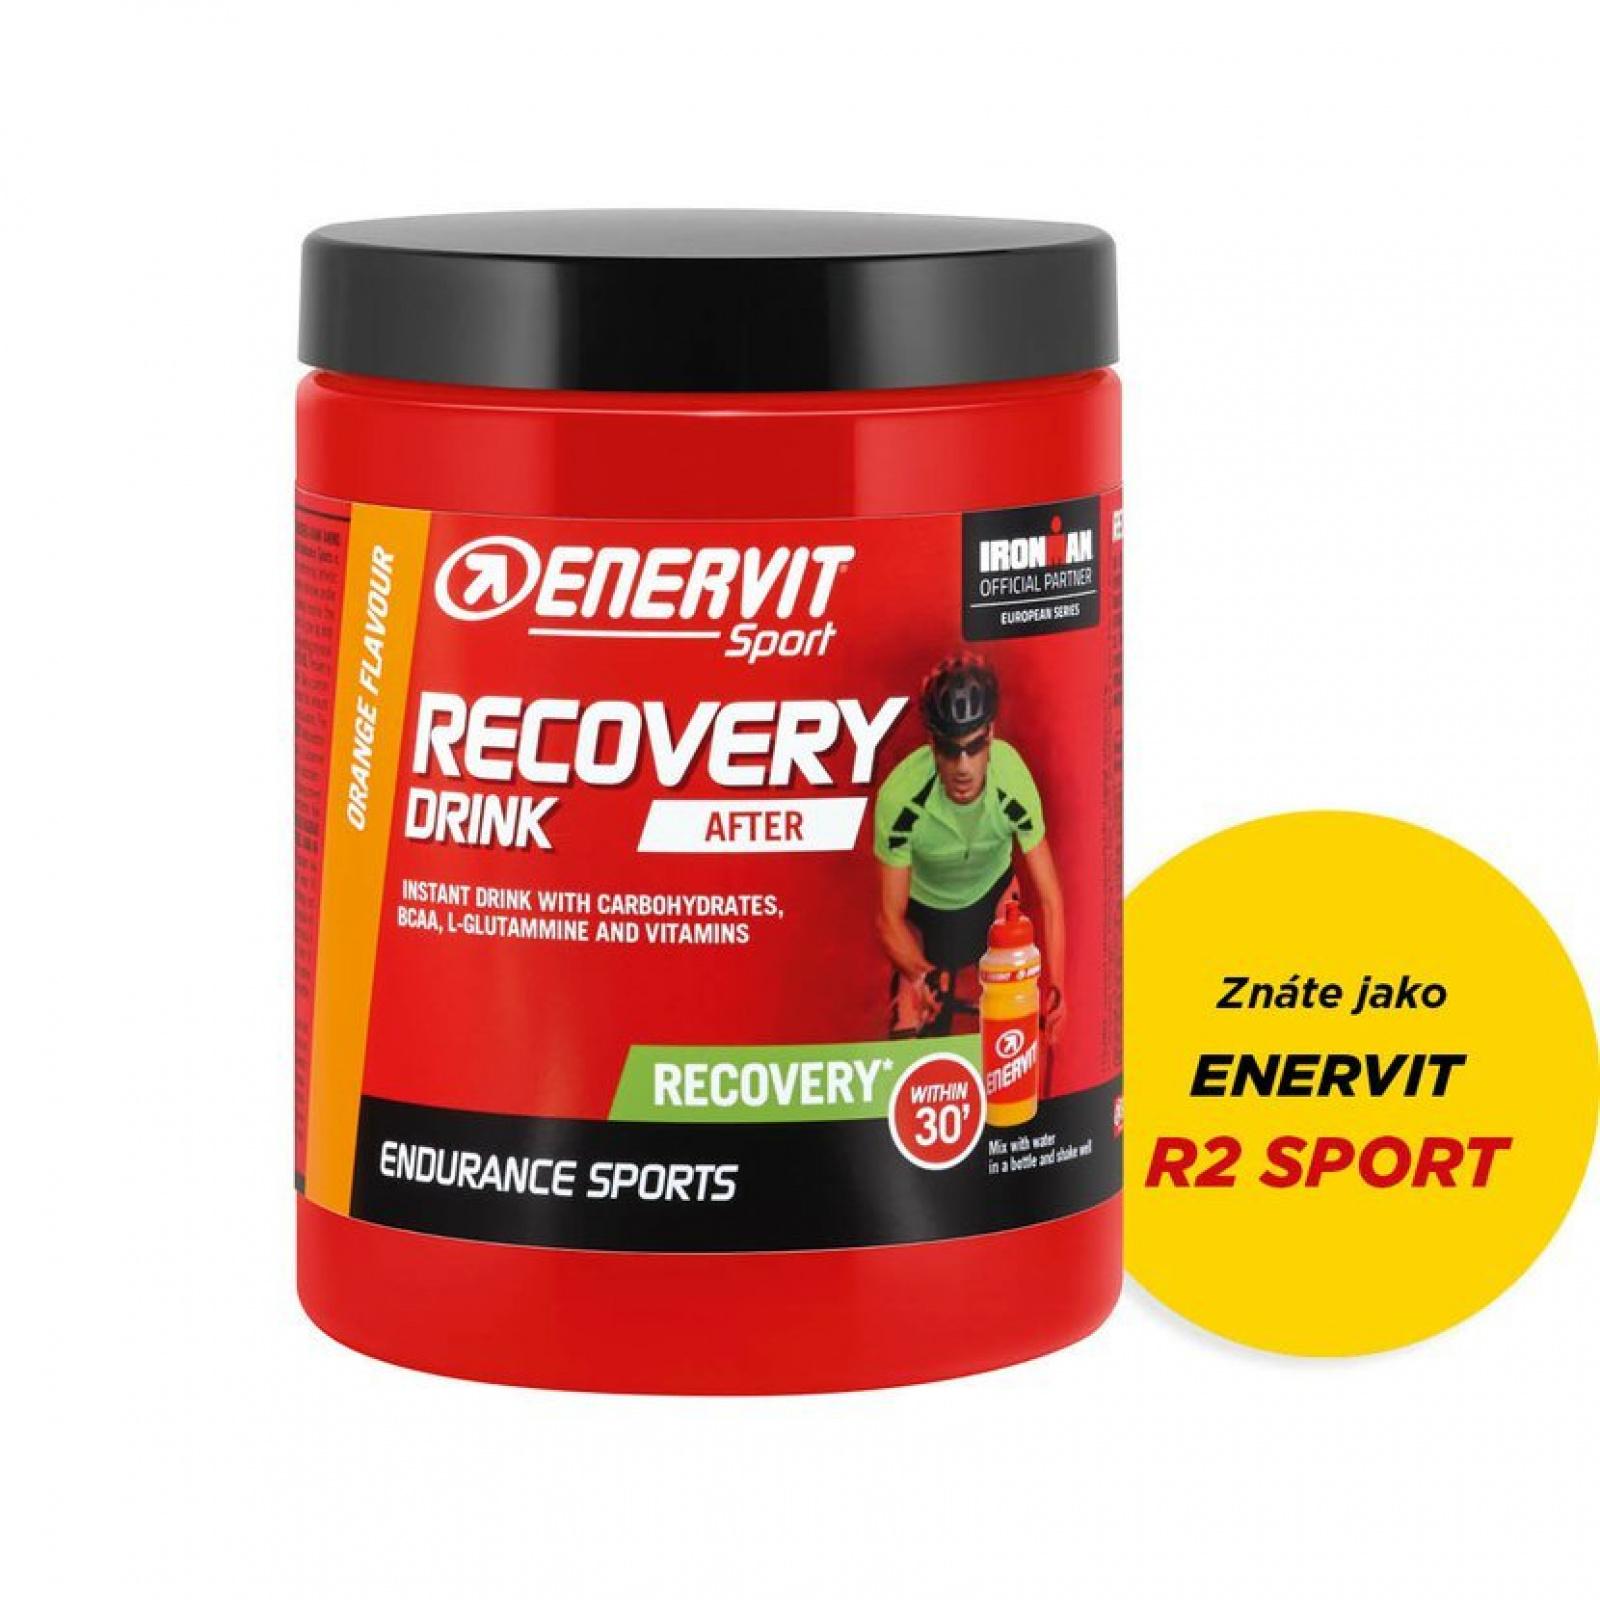 https://www.badec.store/produkty_img/enervit-recovery-drink1602785007L.jpg